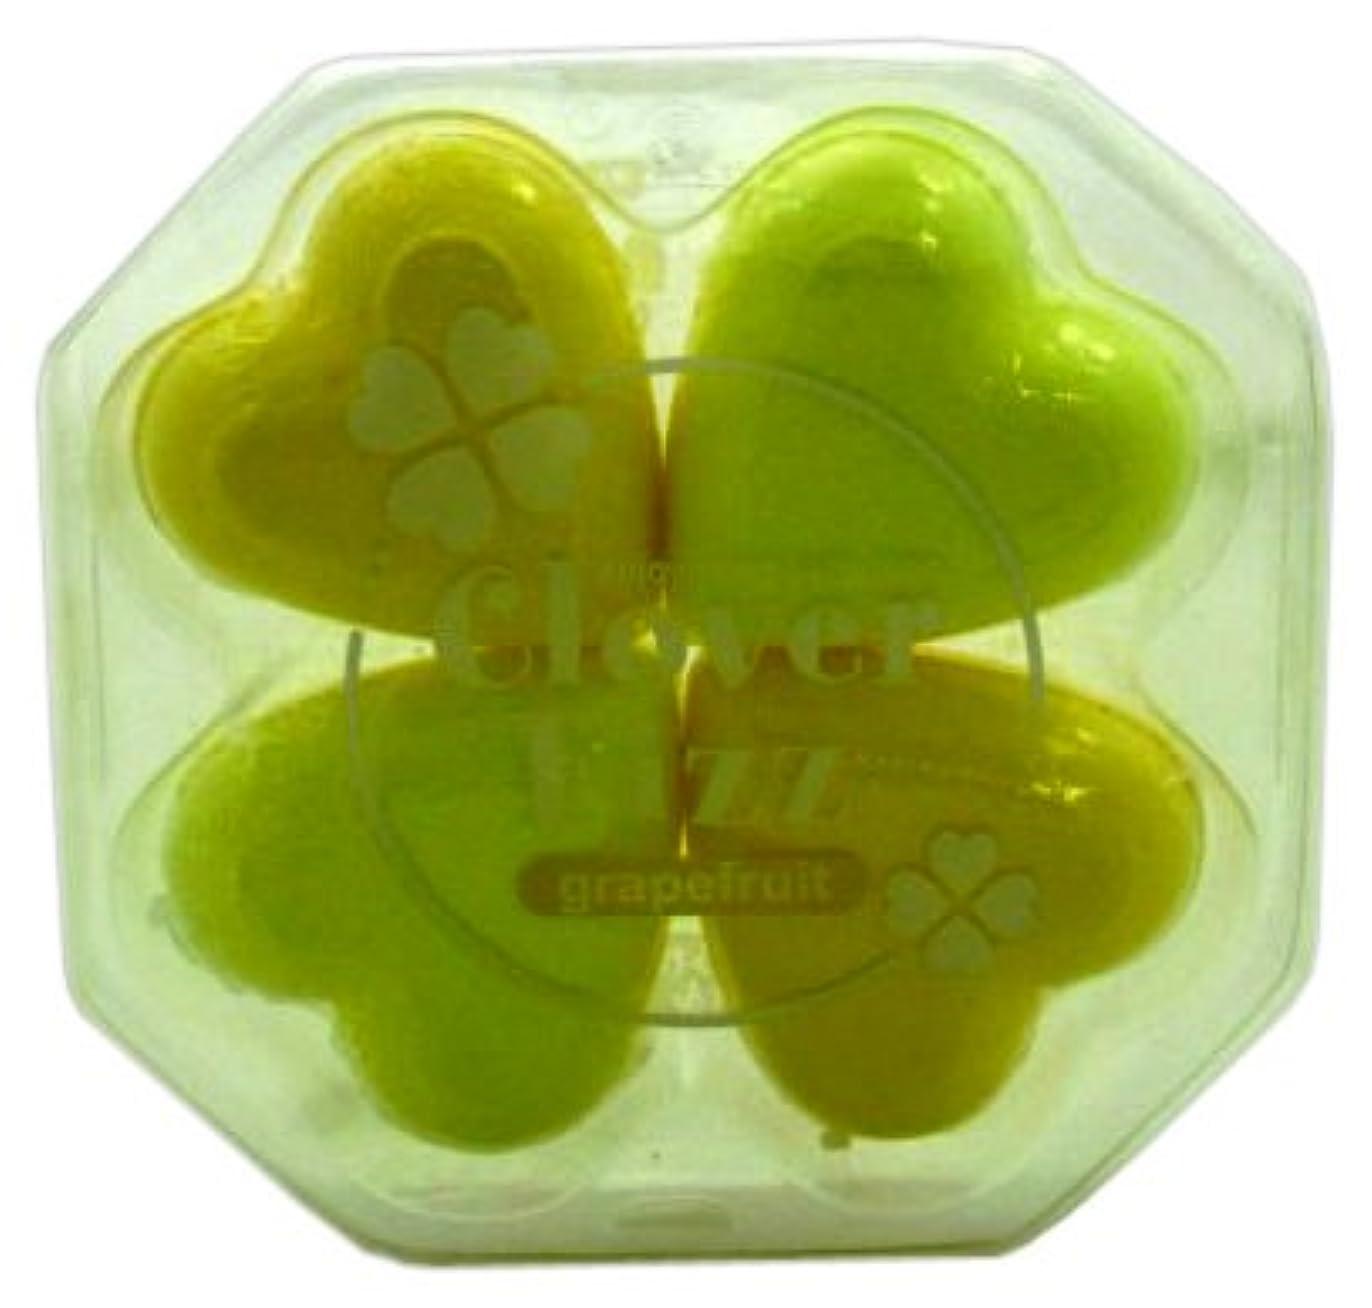 私達コマース心臓バスフィズ 入浴剤 クローバーフィズ グレープフルーツ